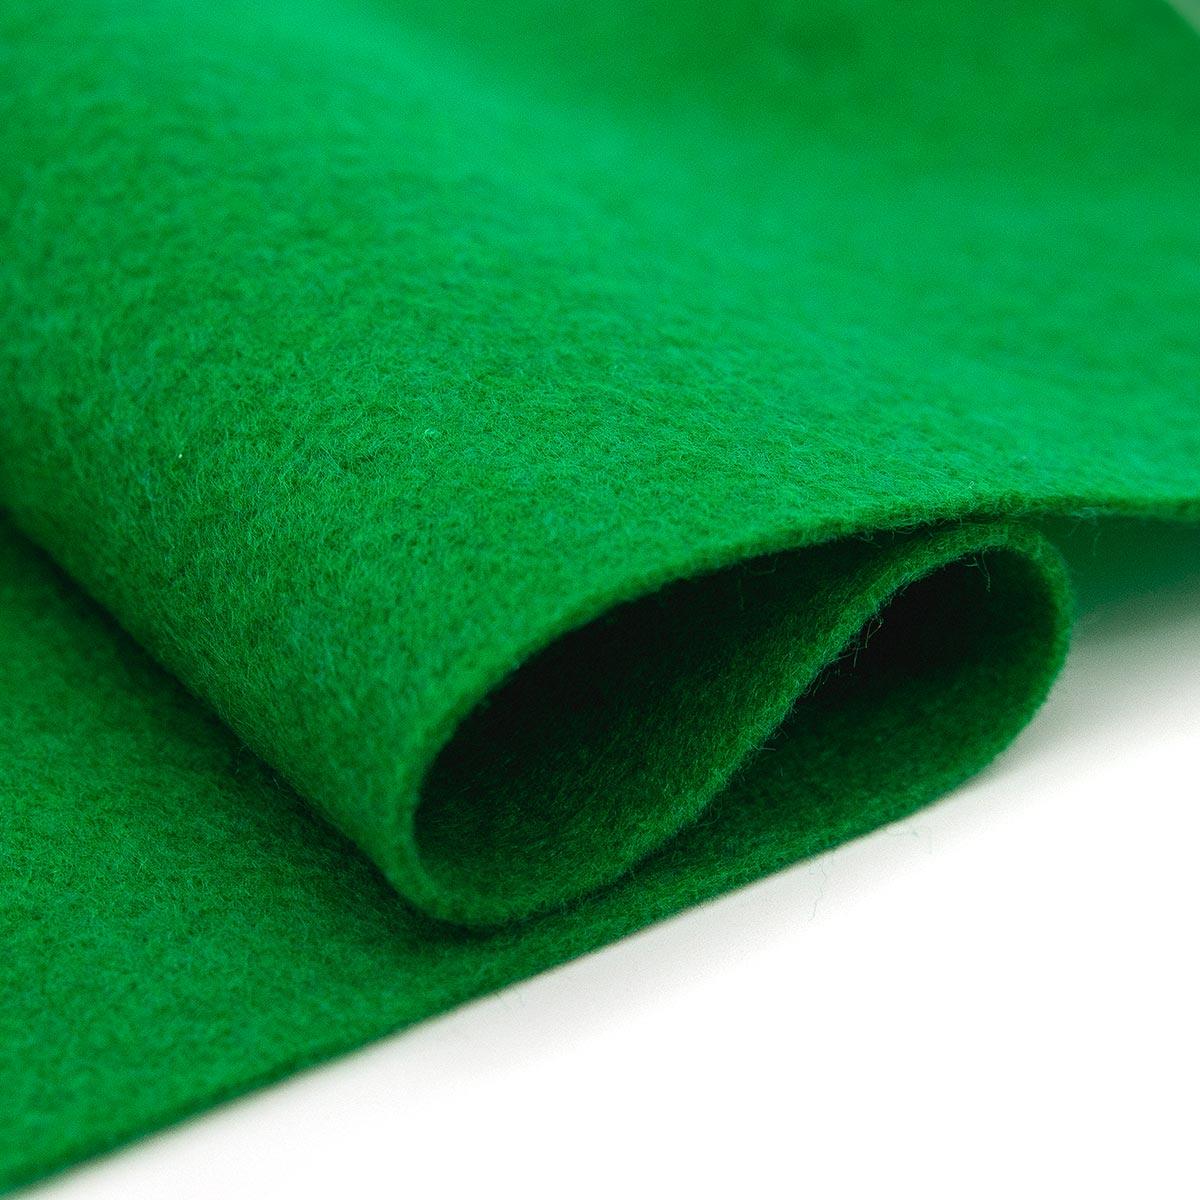 61212631 Фетр для творчества, зеленый, 2мм, 20x30см, уп./1шт. Glorex